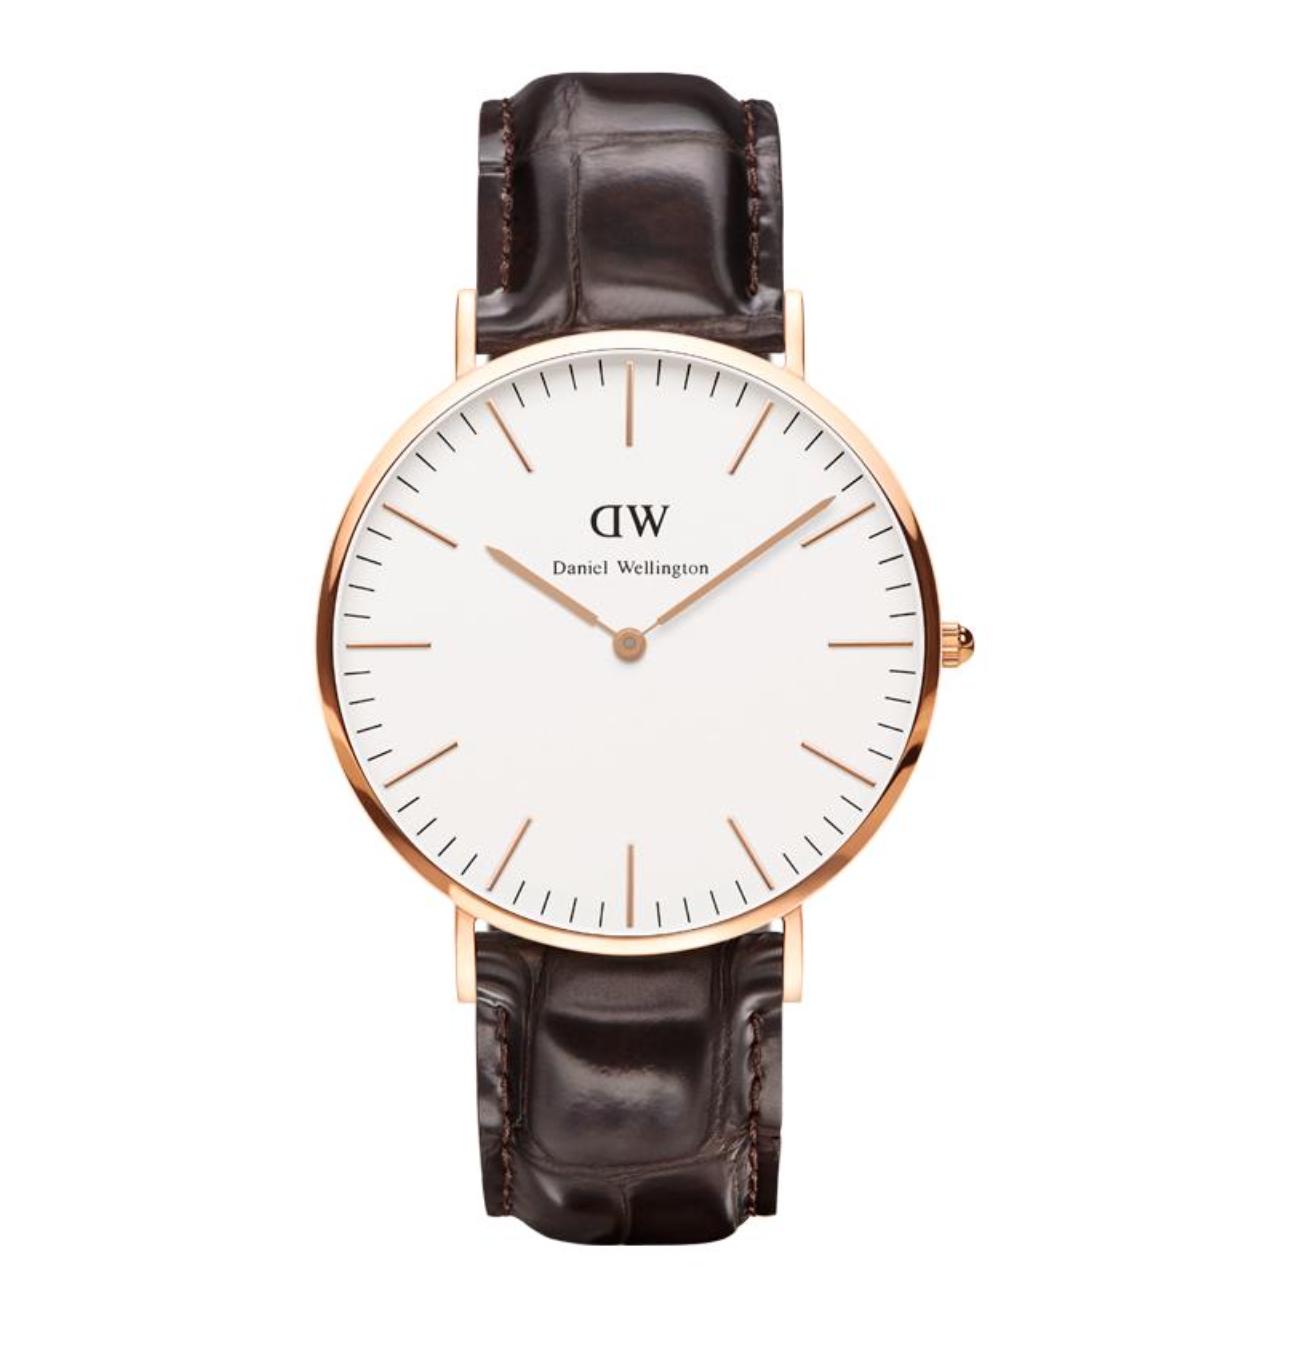 daniel-wellington-december-watch-picks